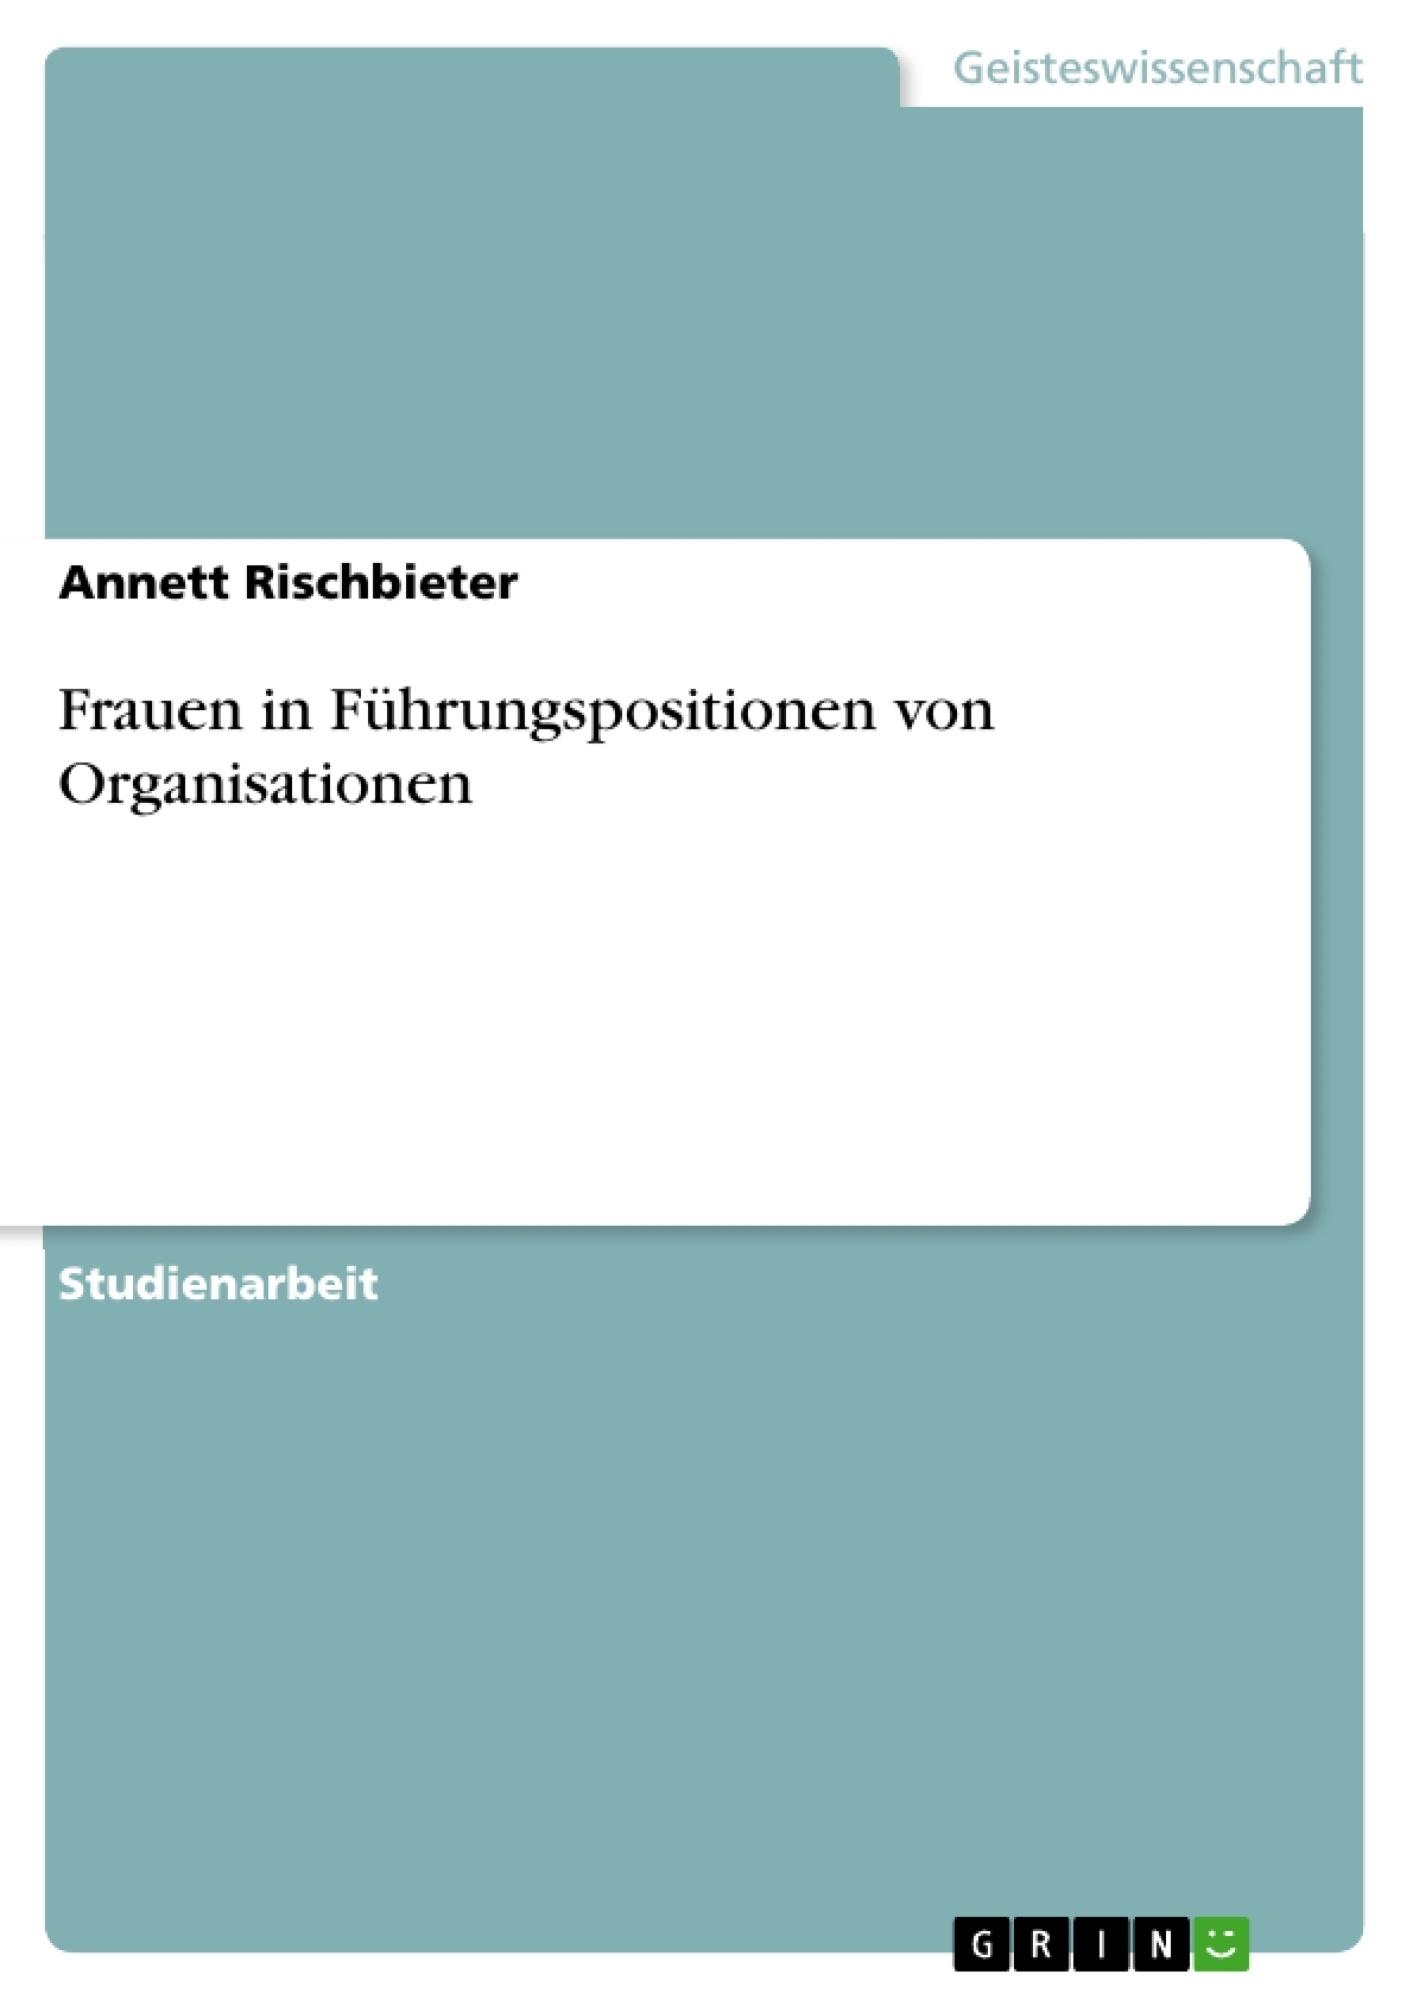 Titel: Frauen in Führungspositionen von Organisationen